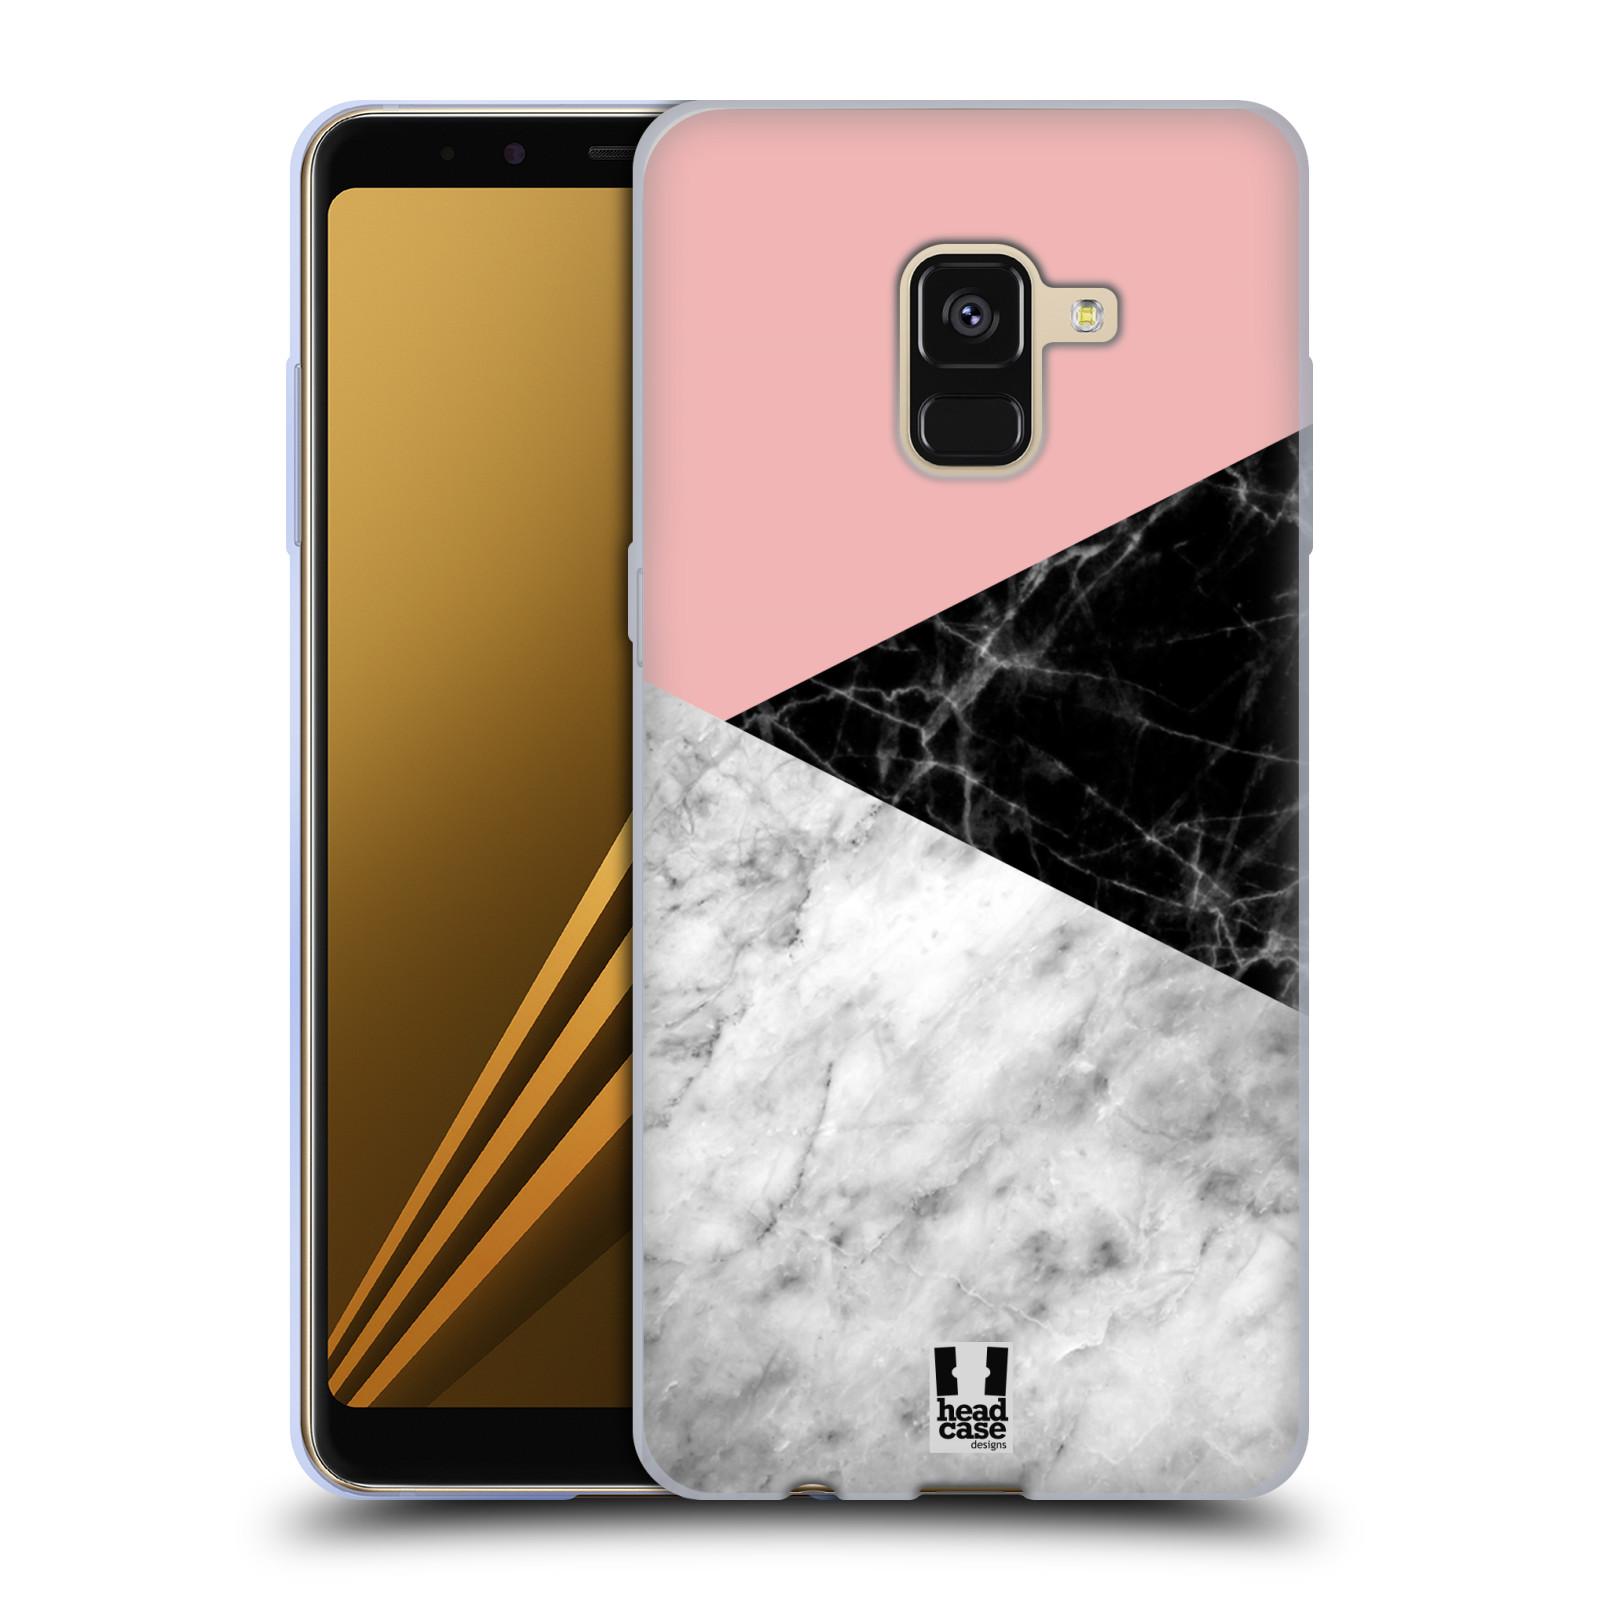 Silikonové pouzdro na mobil Samsung Galaxy A8 (2018) - Head Case - Mramor mix